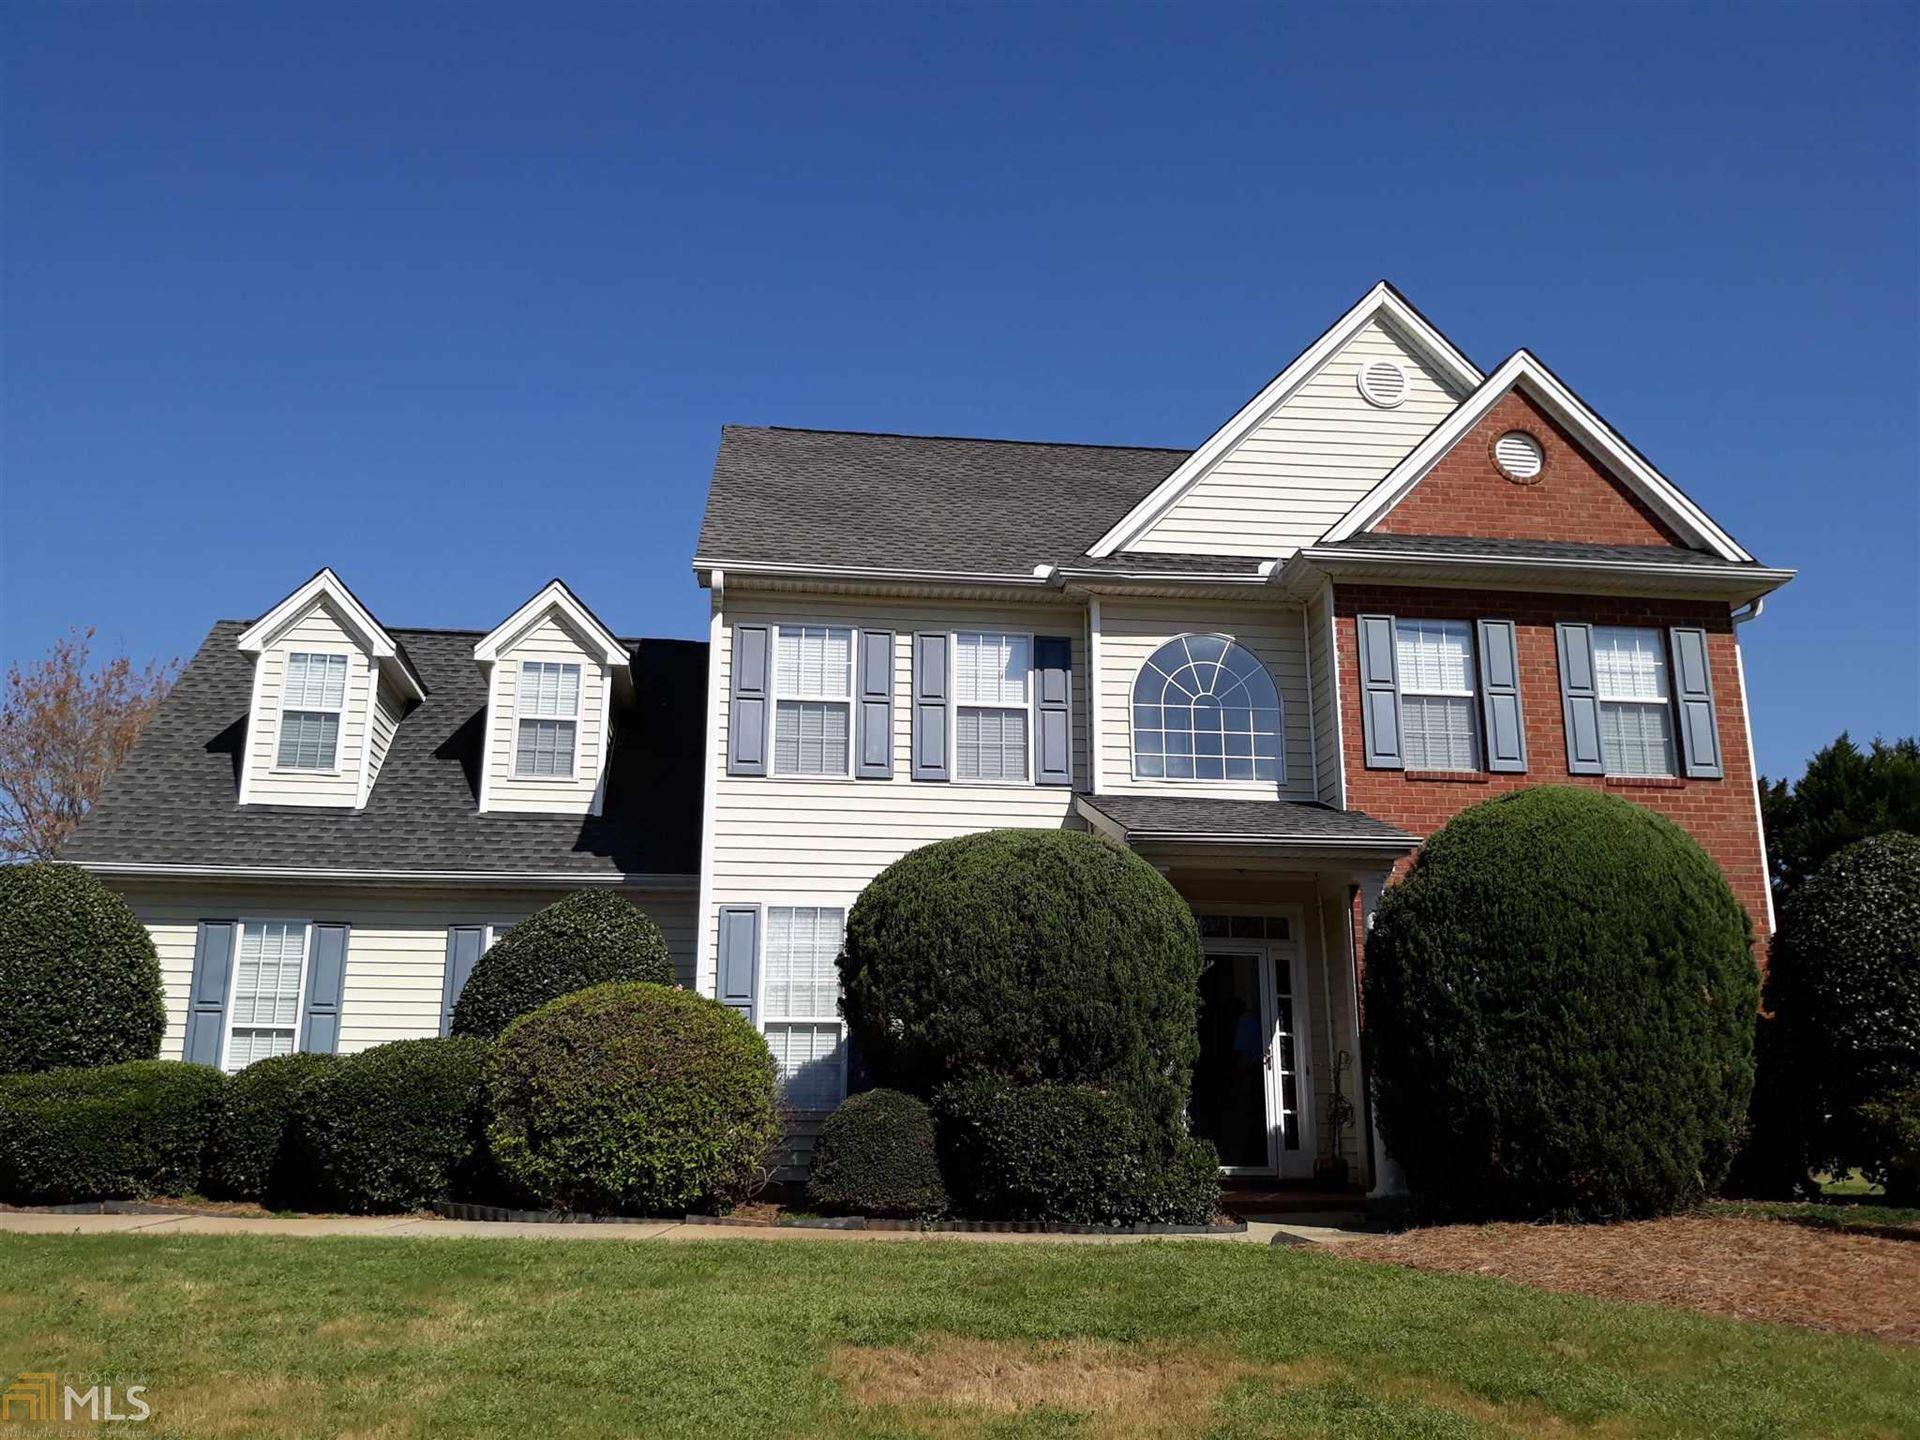 105 Glenleigh Ct, Fayetteville, GA 30214 - #: 8964097